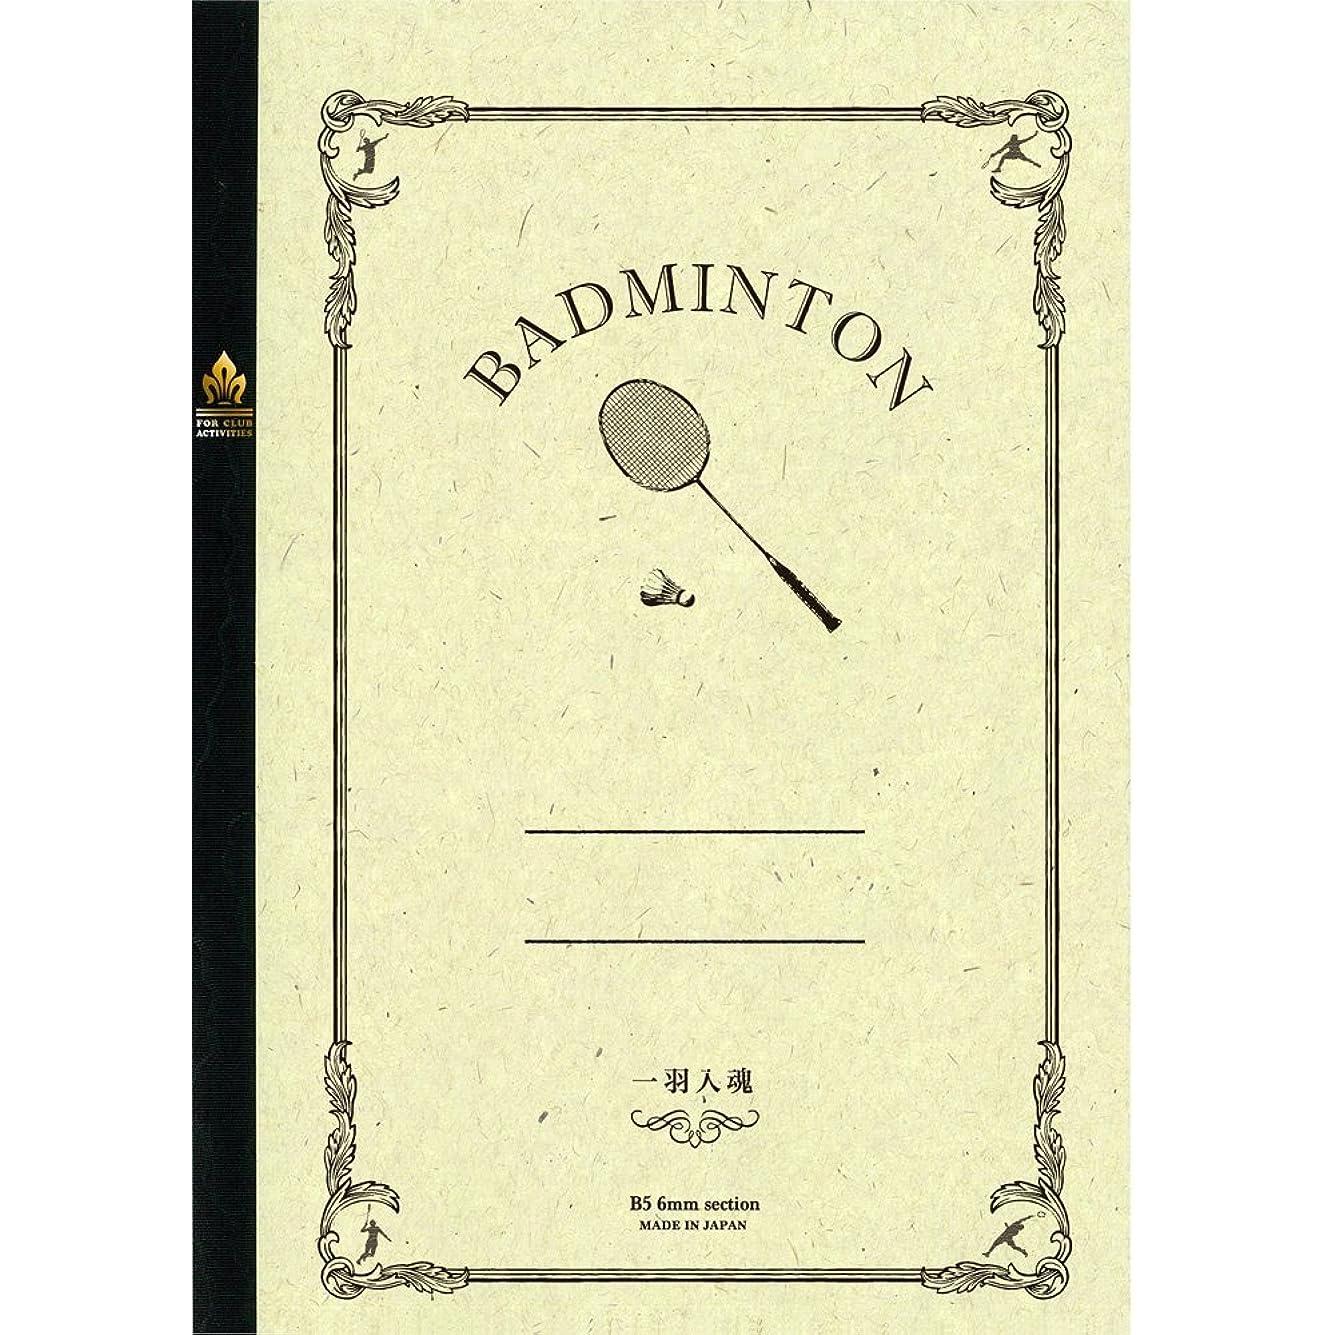 みんなの部活ノート バドミントン 5冊セット